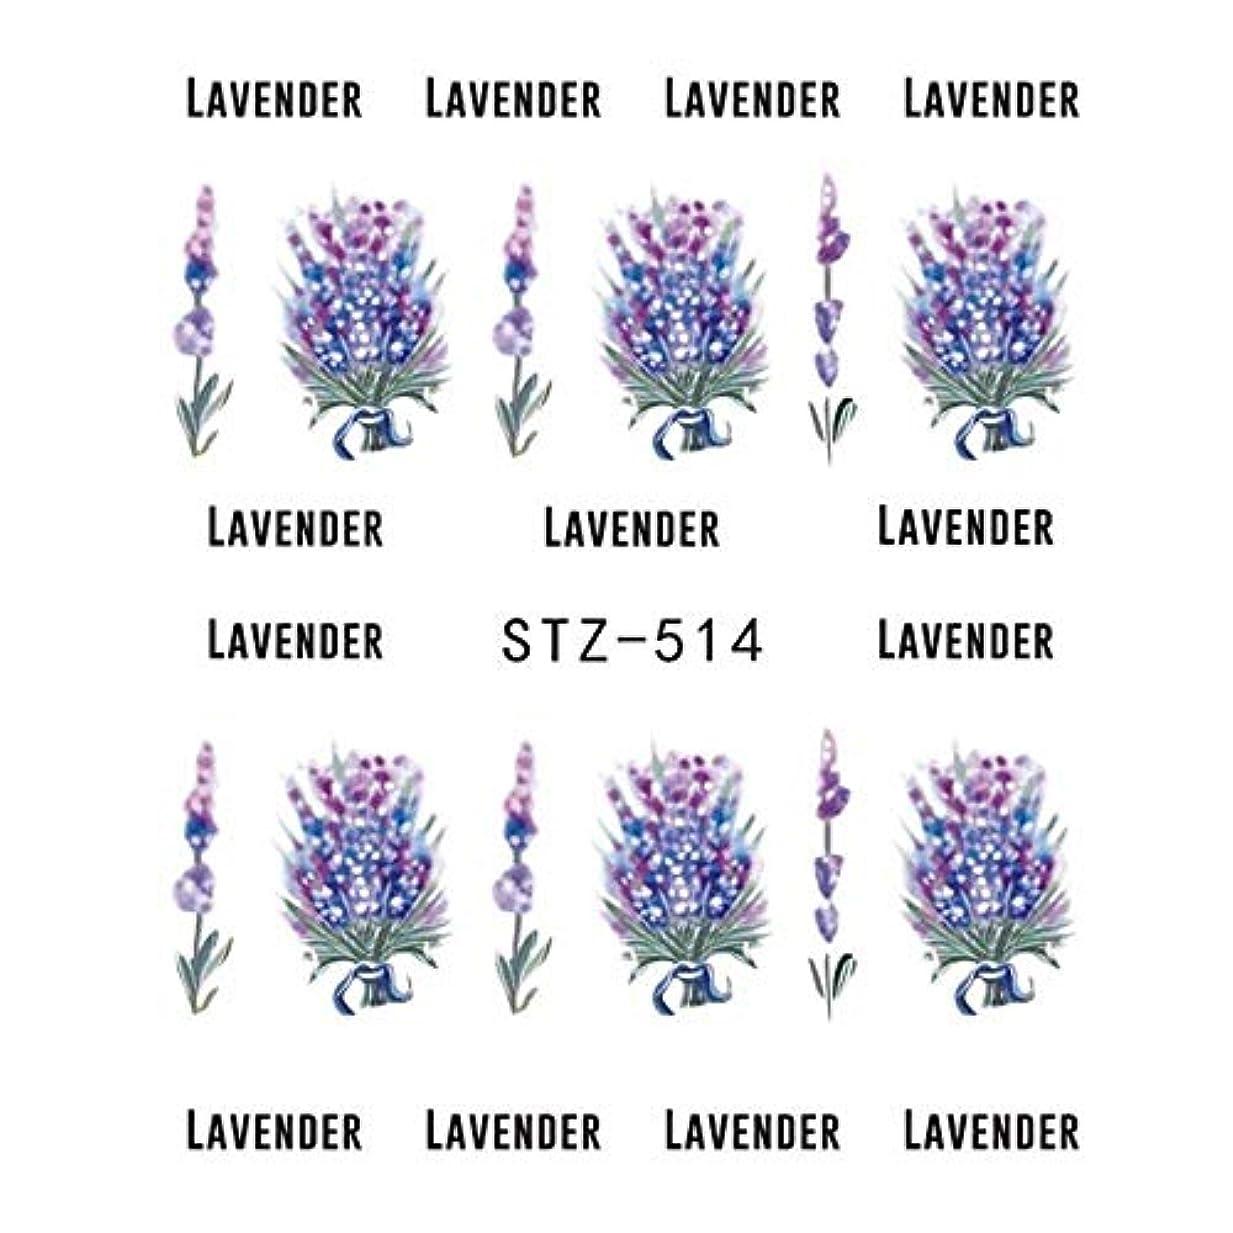 雹無知テニスSUKTI&XIAO ネイルステッカー ラベンダーブーケウォーターステッカーネイルアートデコレーション紫咲く花スライド美容ネイルデカール、Stz514